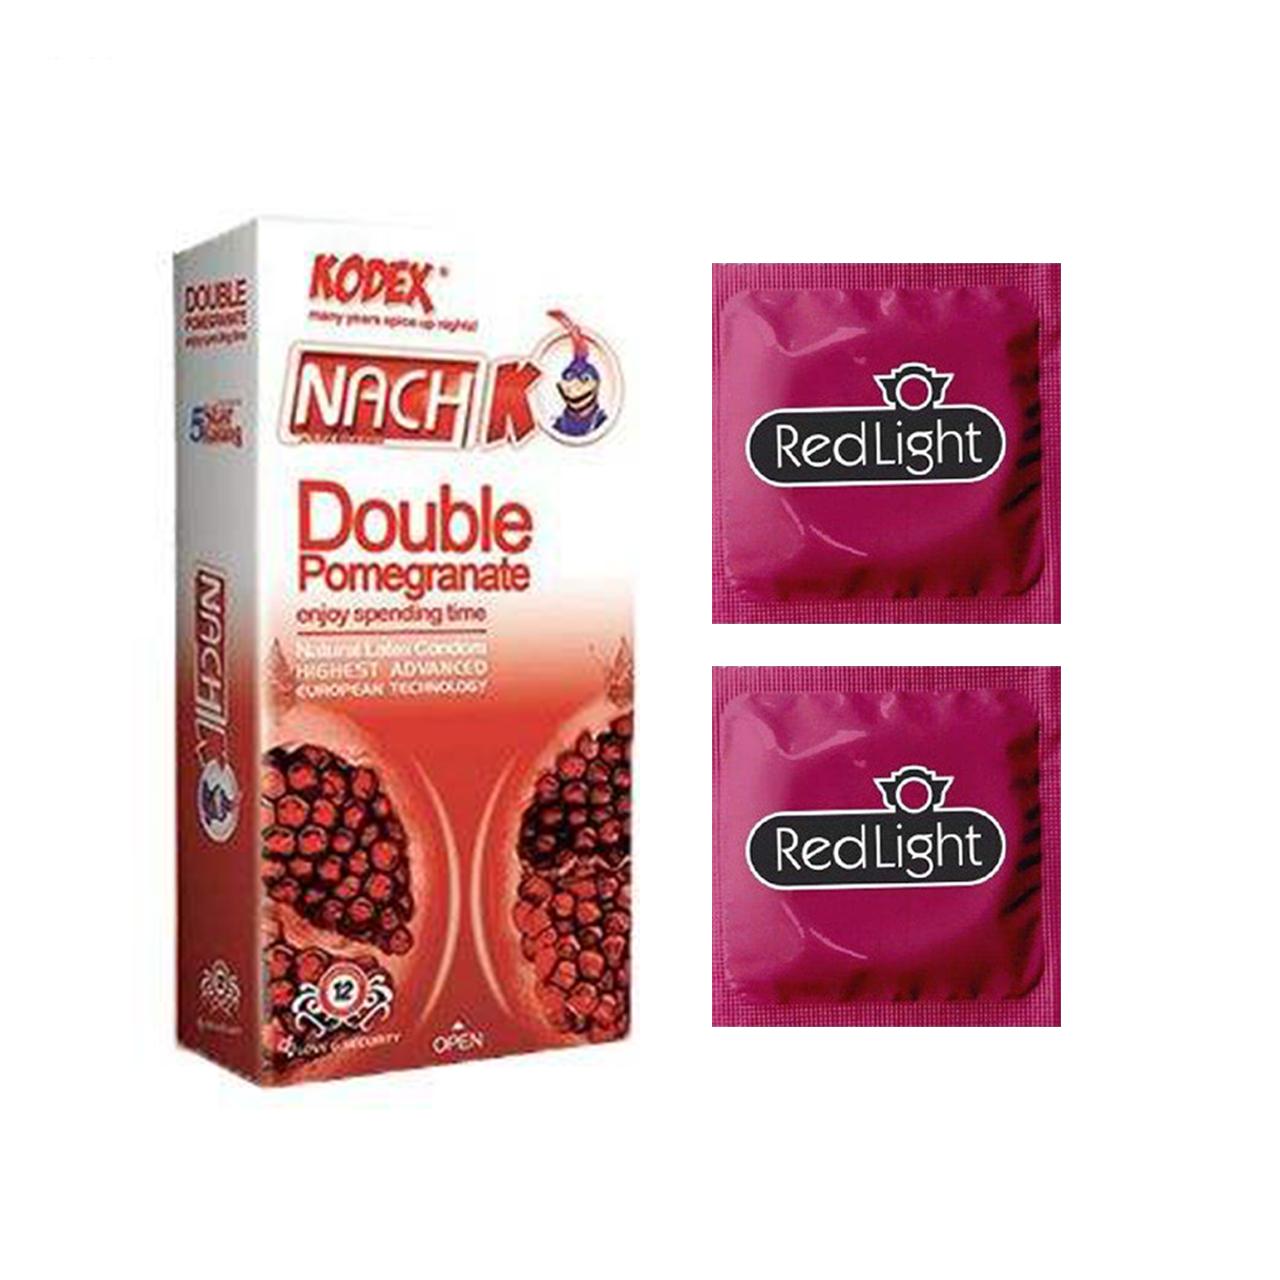 خرید                      کاندوم ناچ کدکس مدل DOUBLE POMOGRANATE بسته 12 عددی به همراه کاندوم ردلایت مدل فویل مجموعه 2 عددی